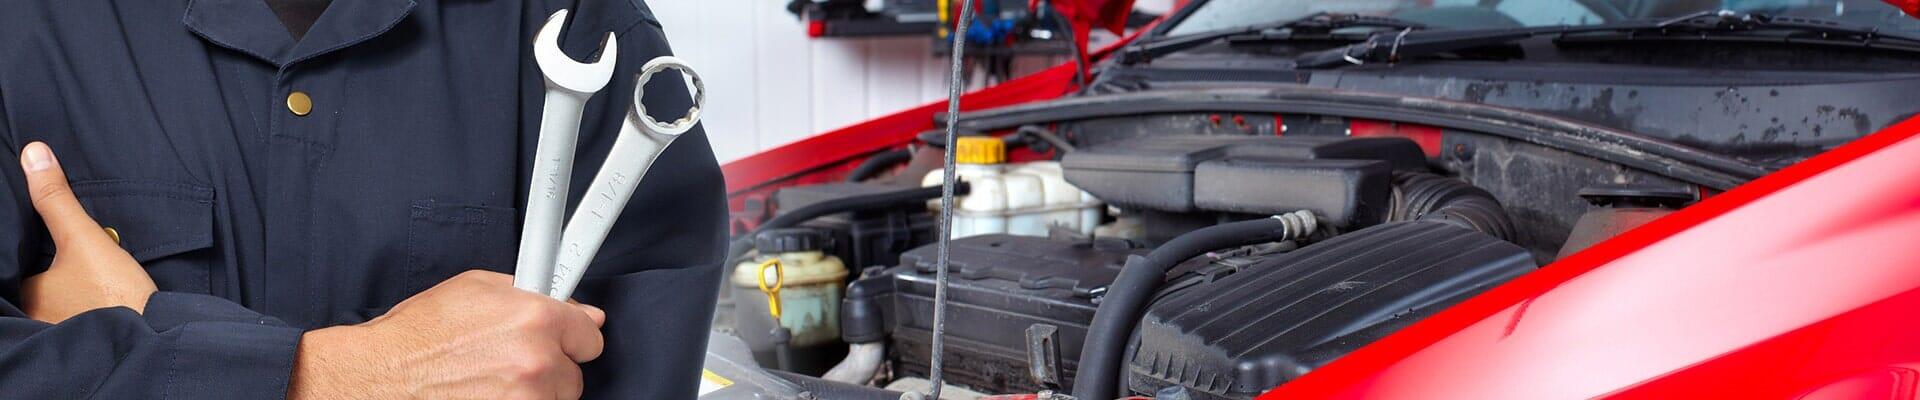 Repair Shop \u2013 Layton, UT - B  B Auto Repair